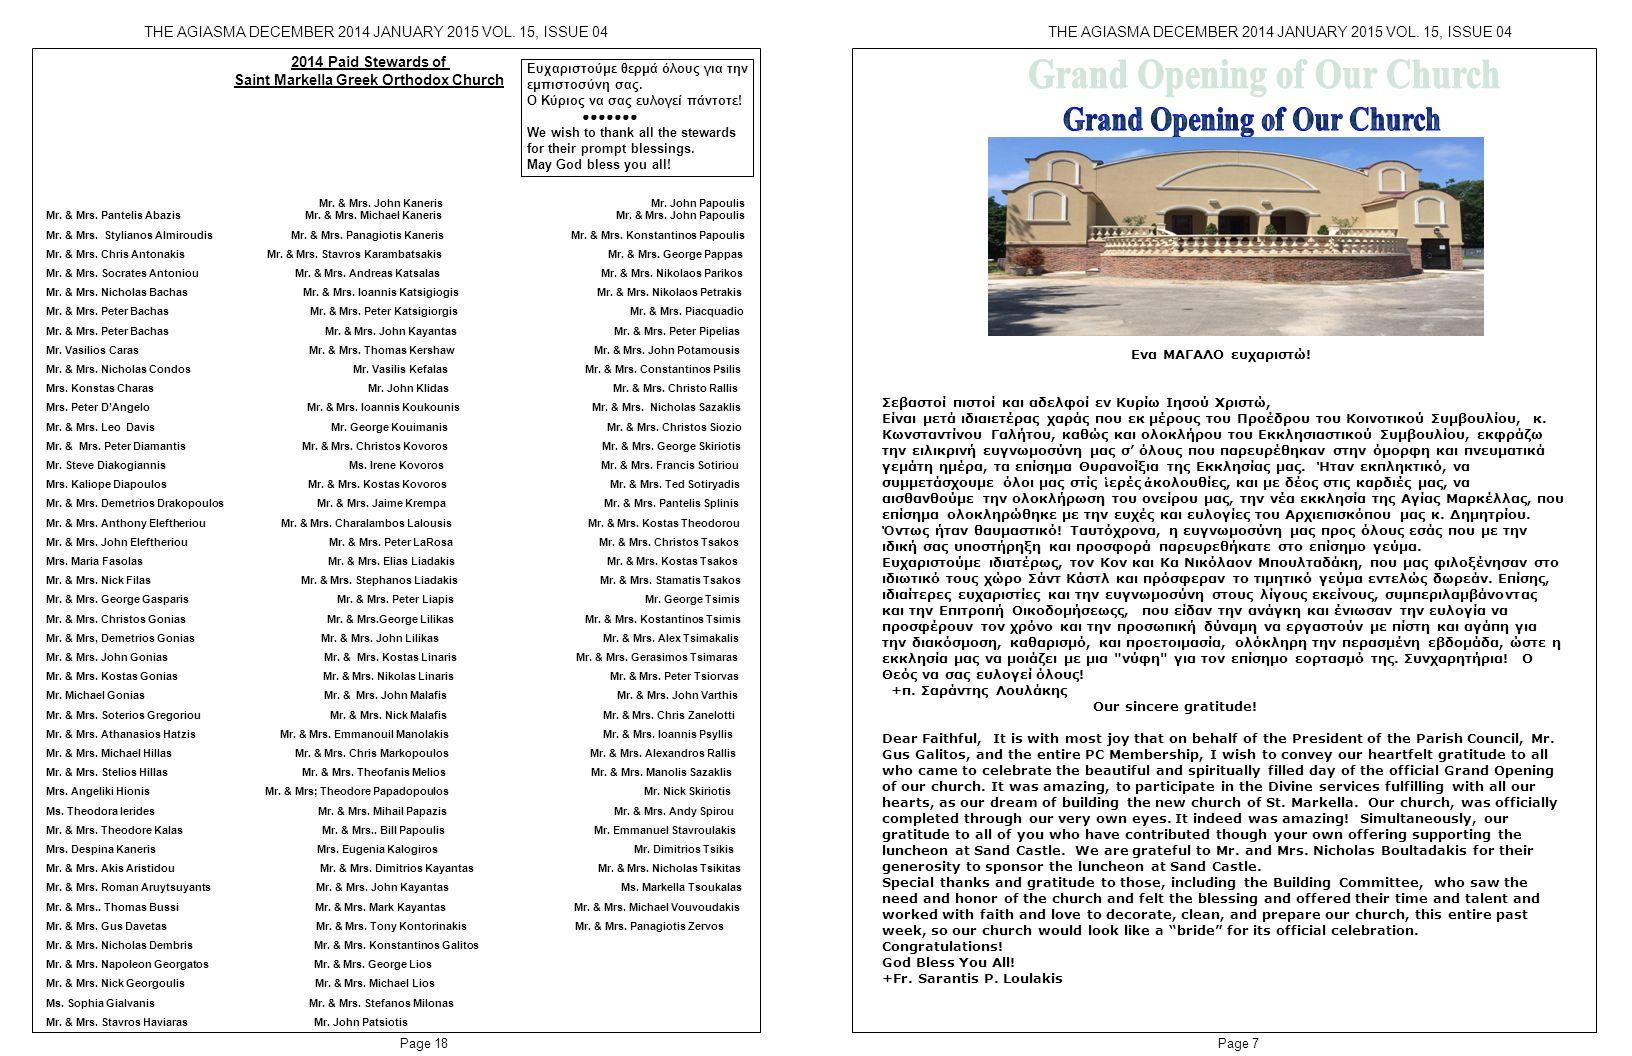 Page 18 THE AGIASMA DECEMBER 2014 JANUARY 2015 VOL. 15, ISSUE 04 2014 Paid Stewards of Saint Markella Greek Orthodox Church Page 7 Ευχαριστούμε θερμά